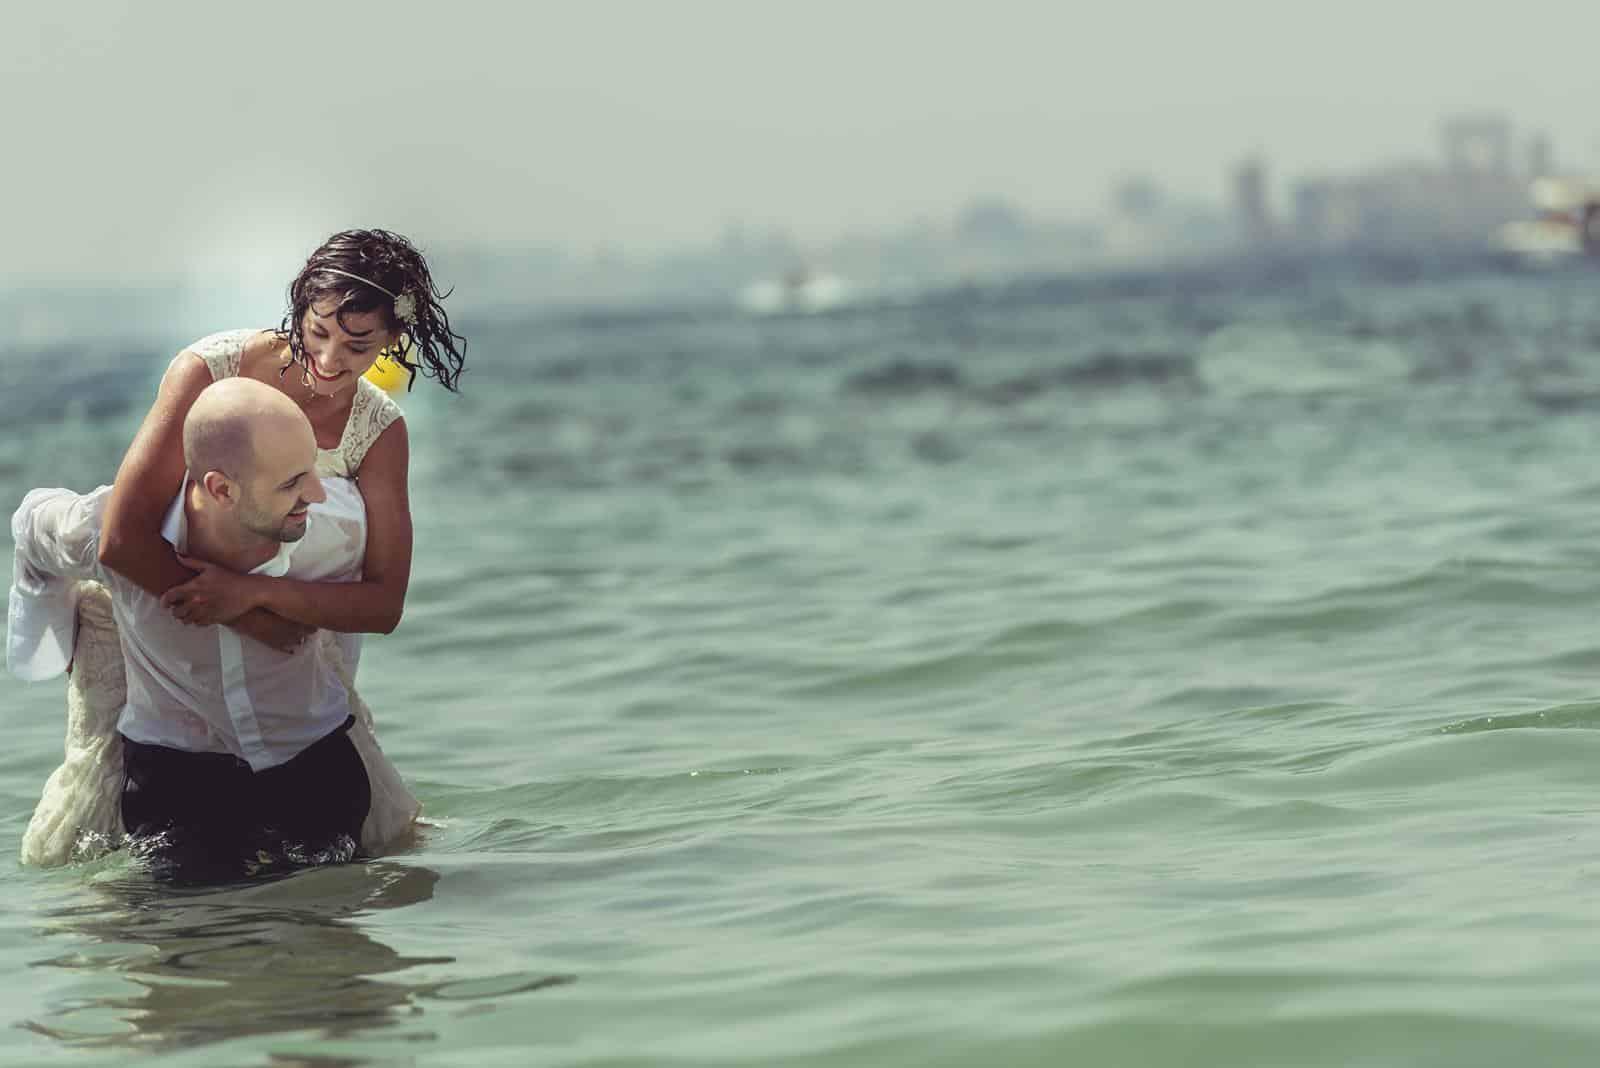 pareja jugando en el agua